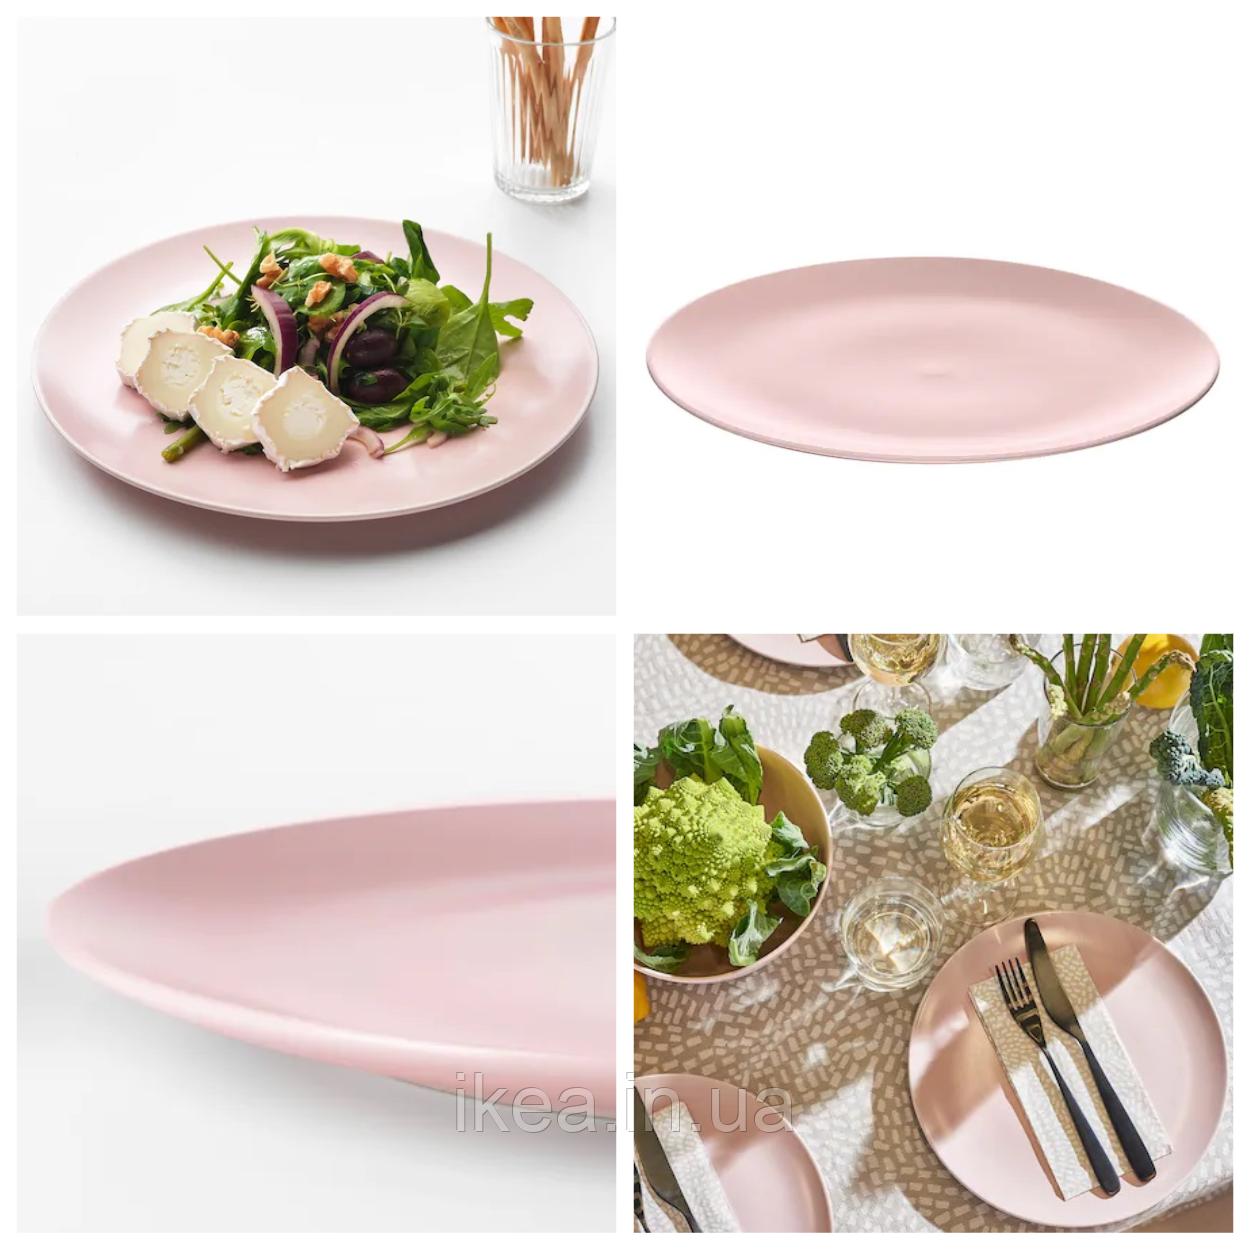 Тарелка круглая обеденная IKEA DINERA 26 см розовая каменная керамика ИКЕА ДІНЕРА